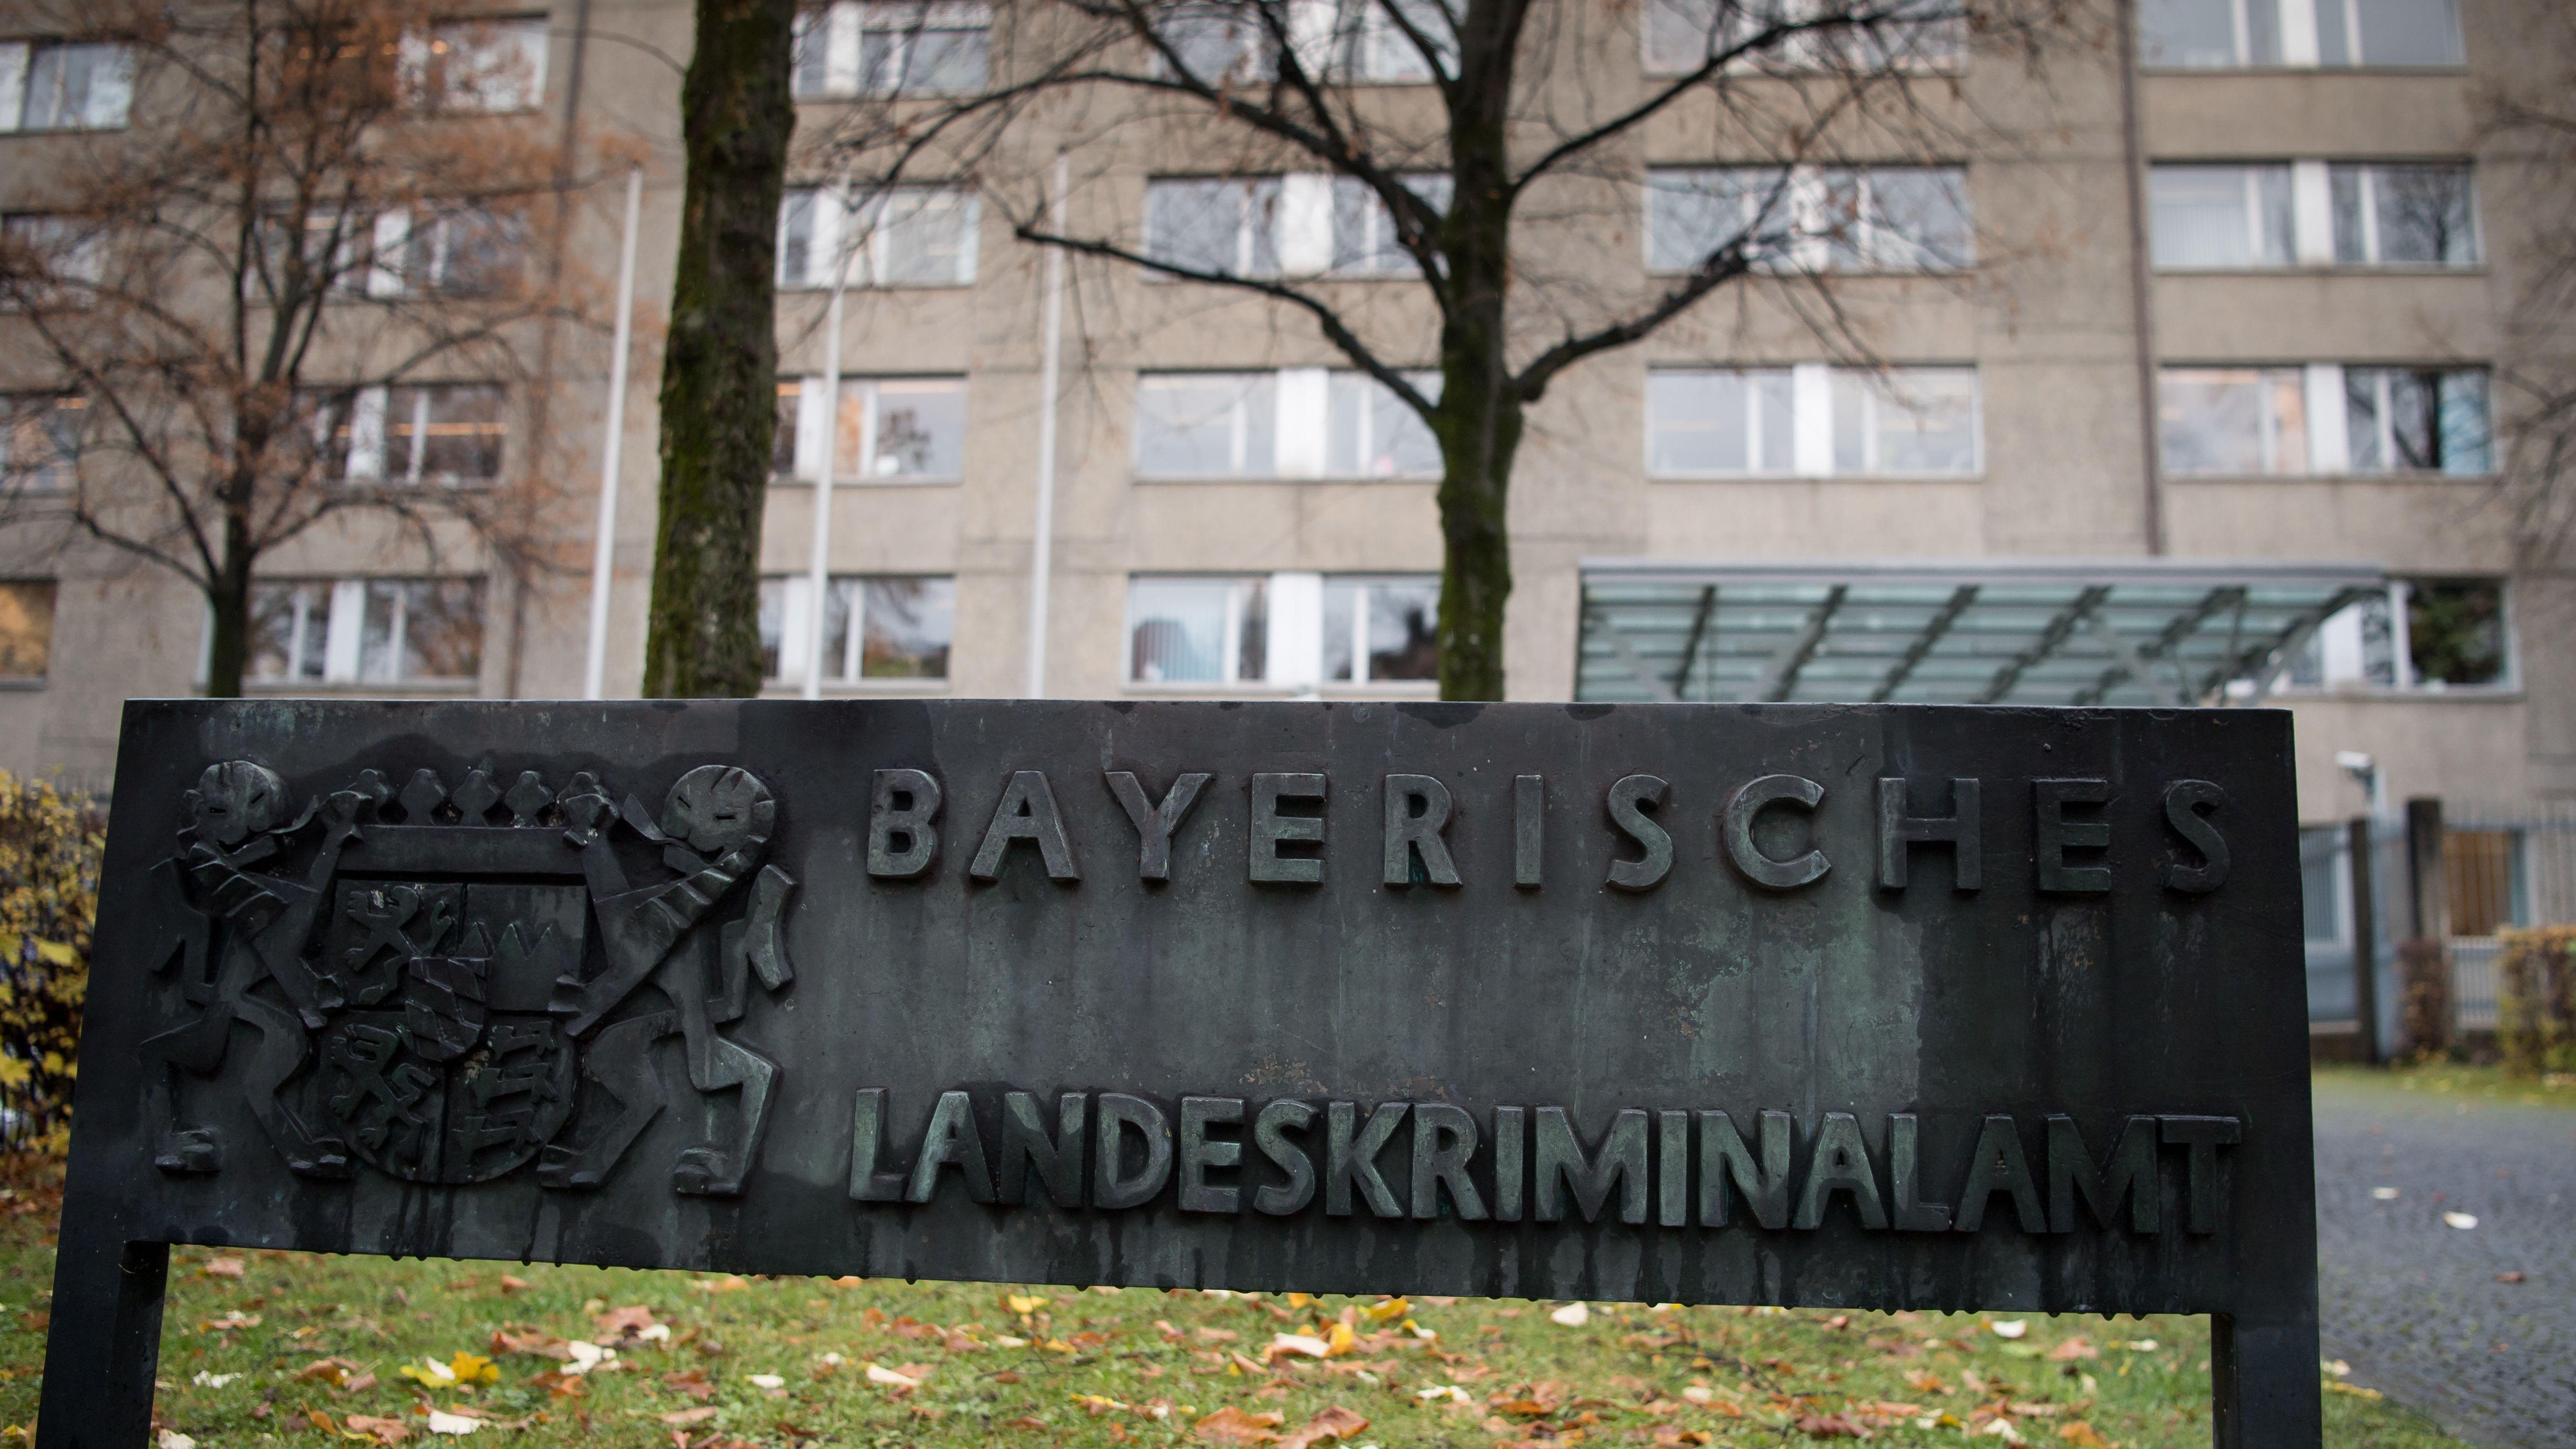 """Archiv: Ein Schild mit der Aufschrift """"Bayerisches Landeskriminalamt""""."""